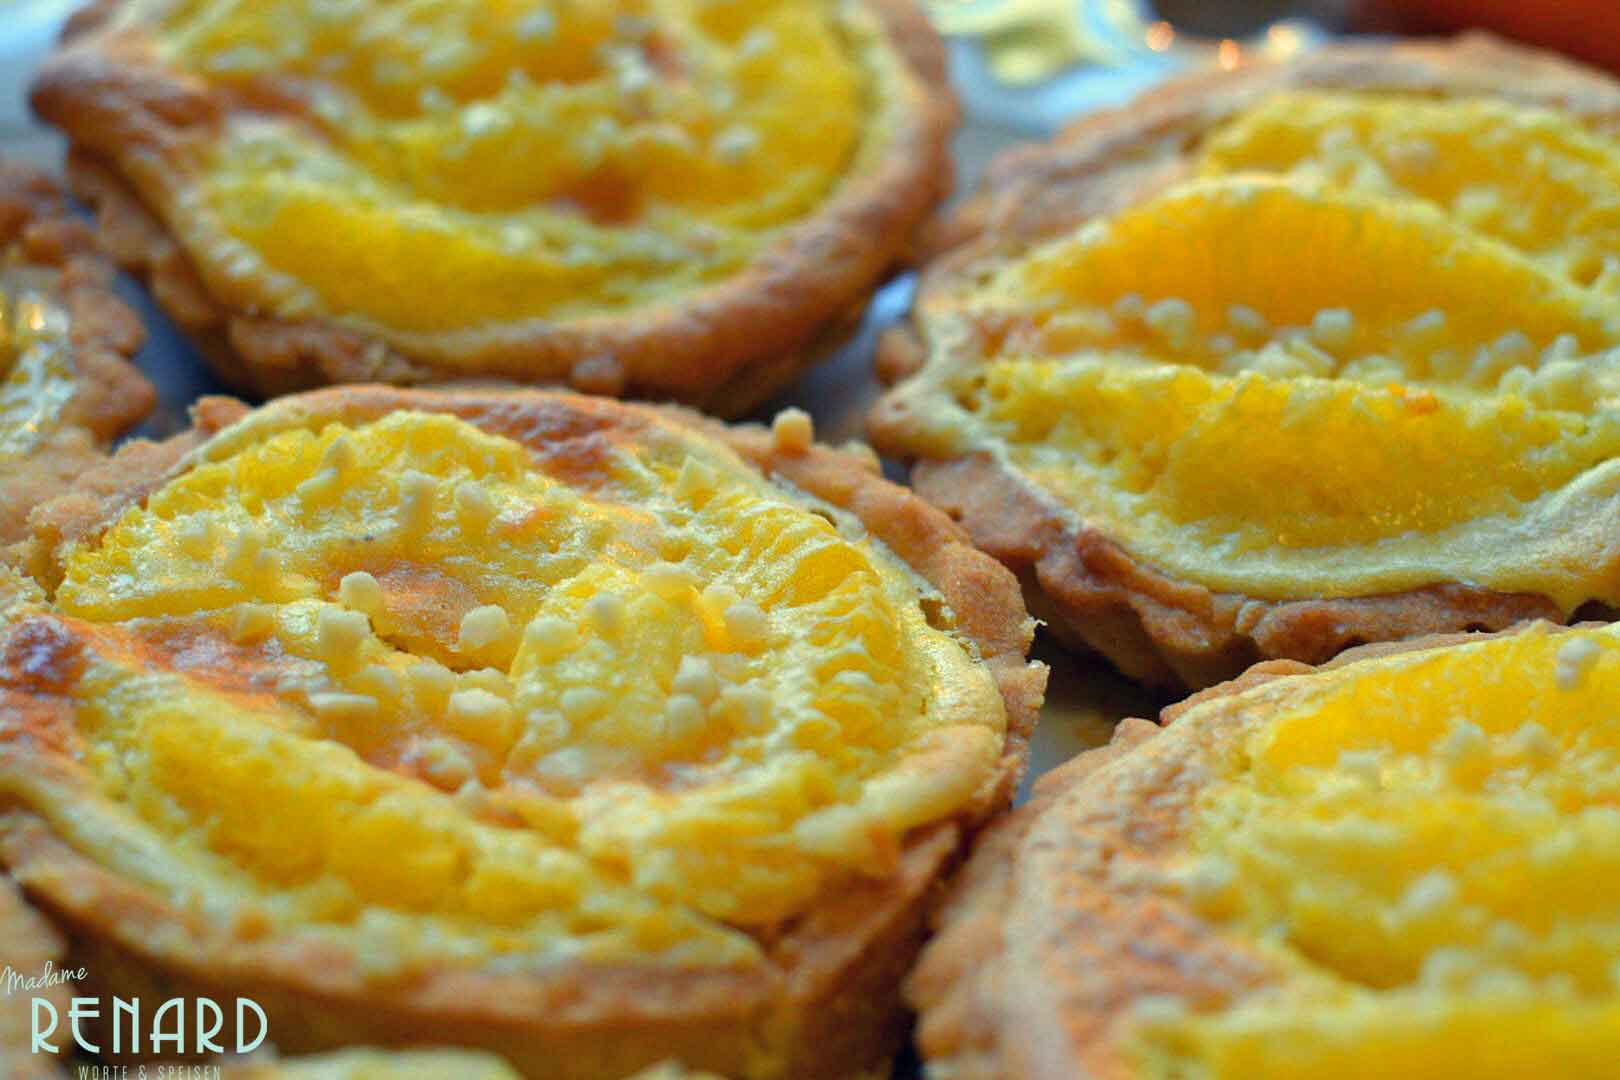 Orangen-Tarte mit Mandelcreme, Foto: Madame Renard